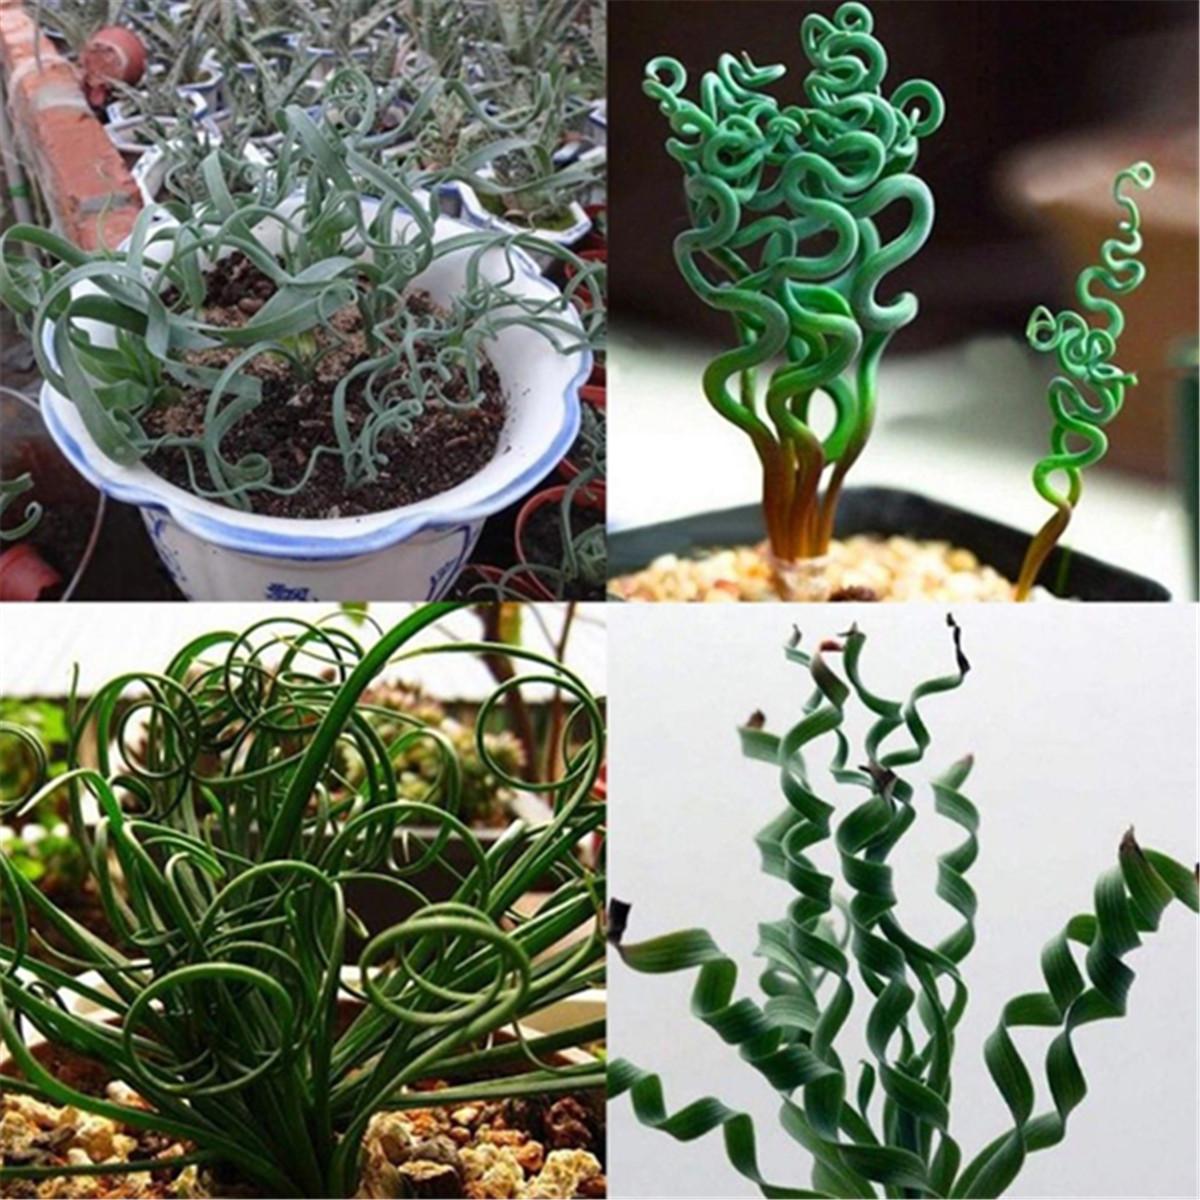 200 Pcs Rare Spiral Grass Flower Seeds Succulents Plant Grass Seeds Home Garden Ebay